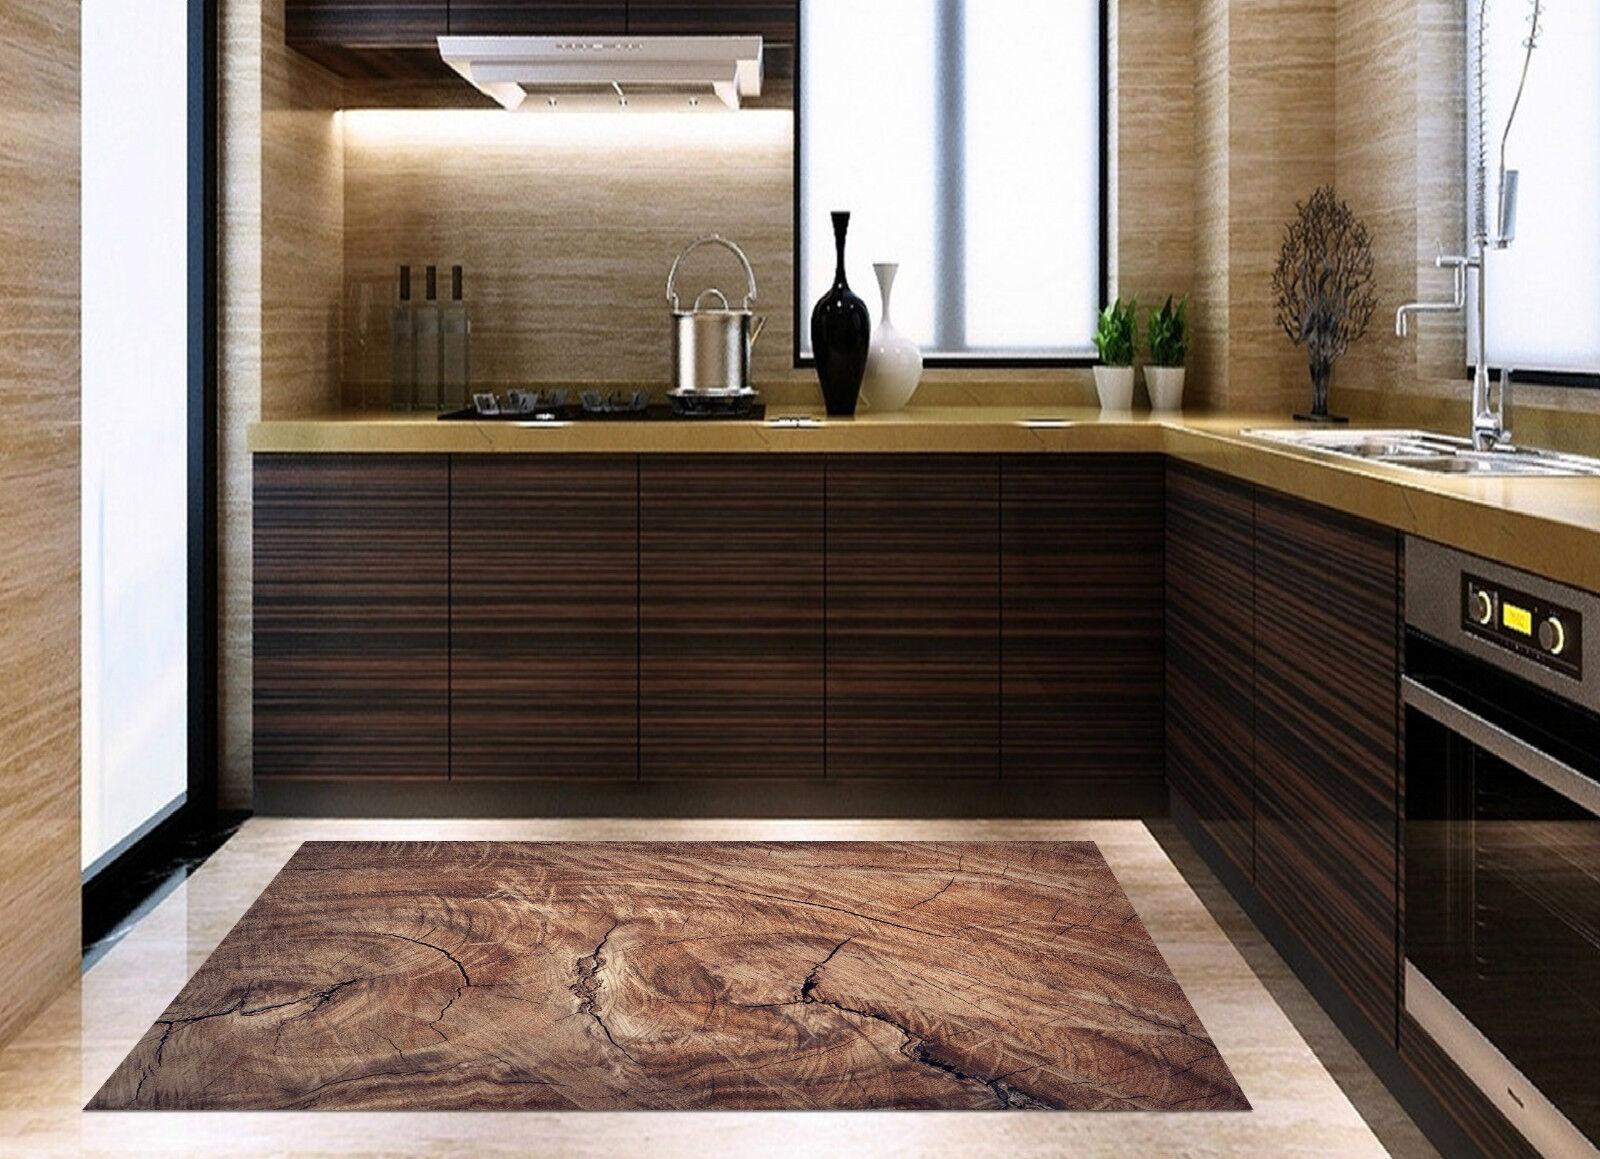 3D Wood Texture 9 Kitchen Mat Floor Murals Wall Print Wall Deco AJ WALLPAPER CA